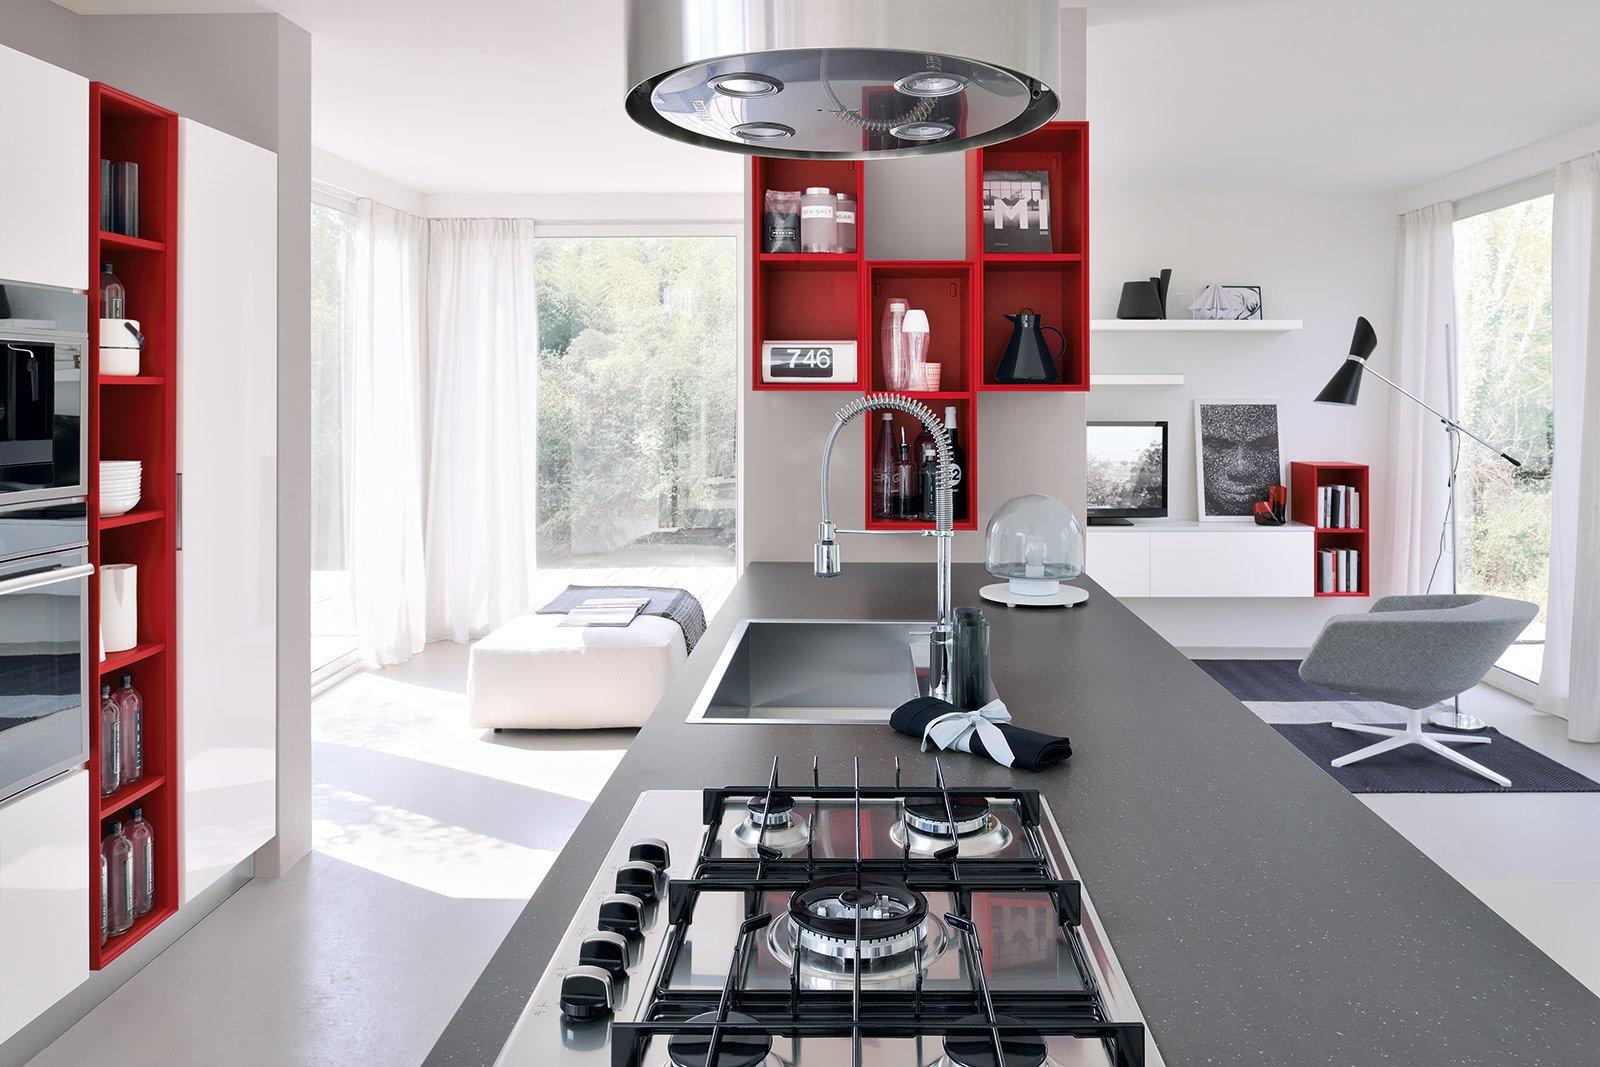 Cucina che moduli scelgo per la dispensa cose di casa for Scaffali per dispensa